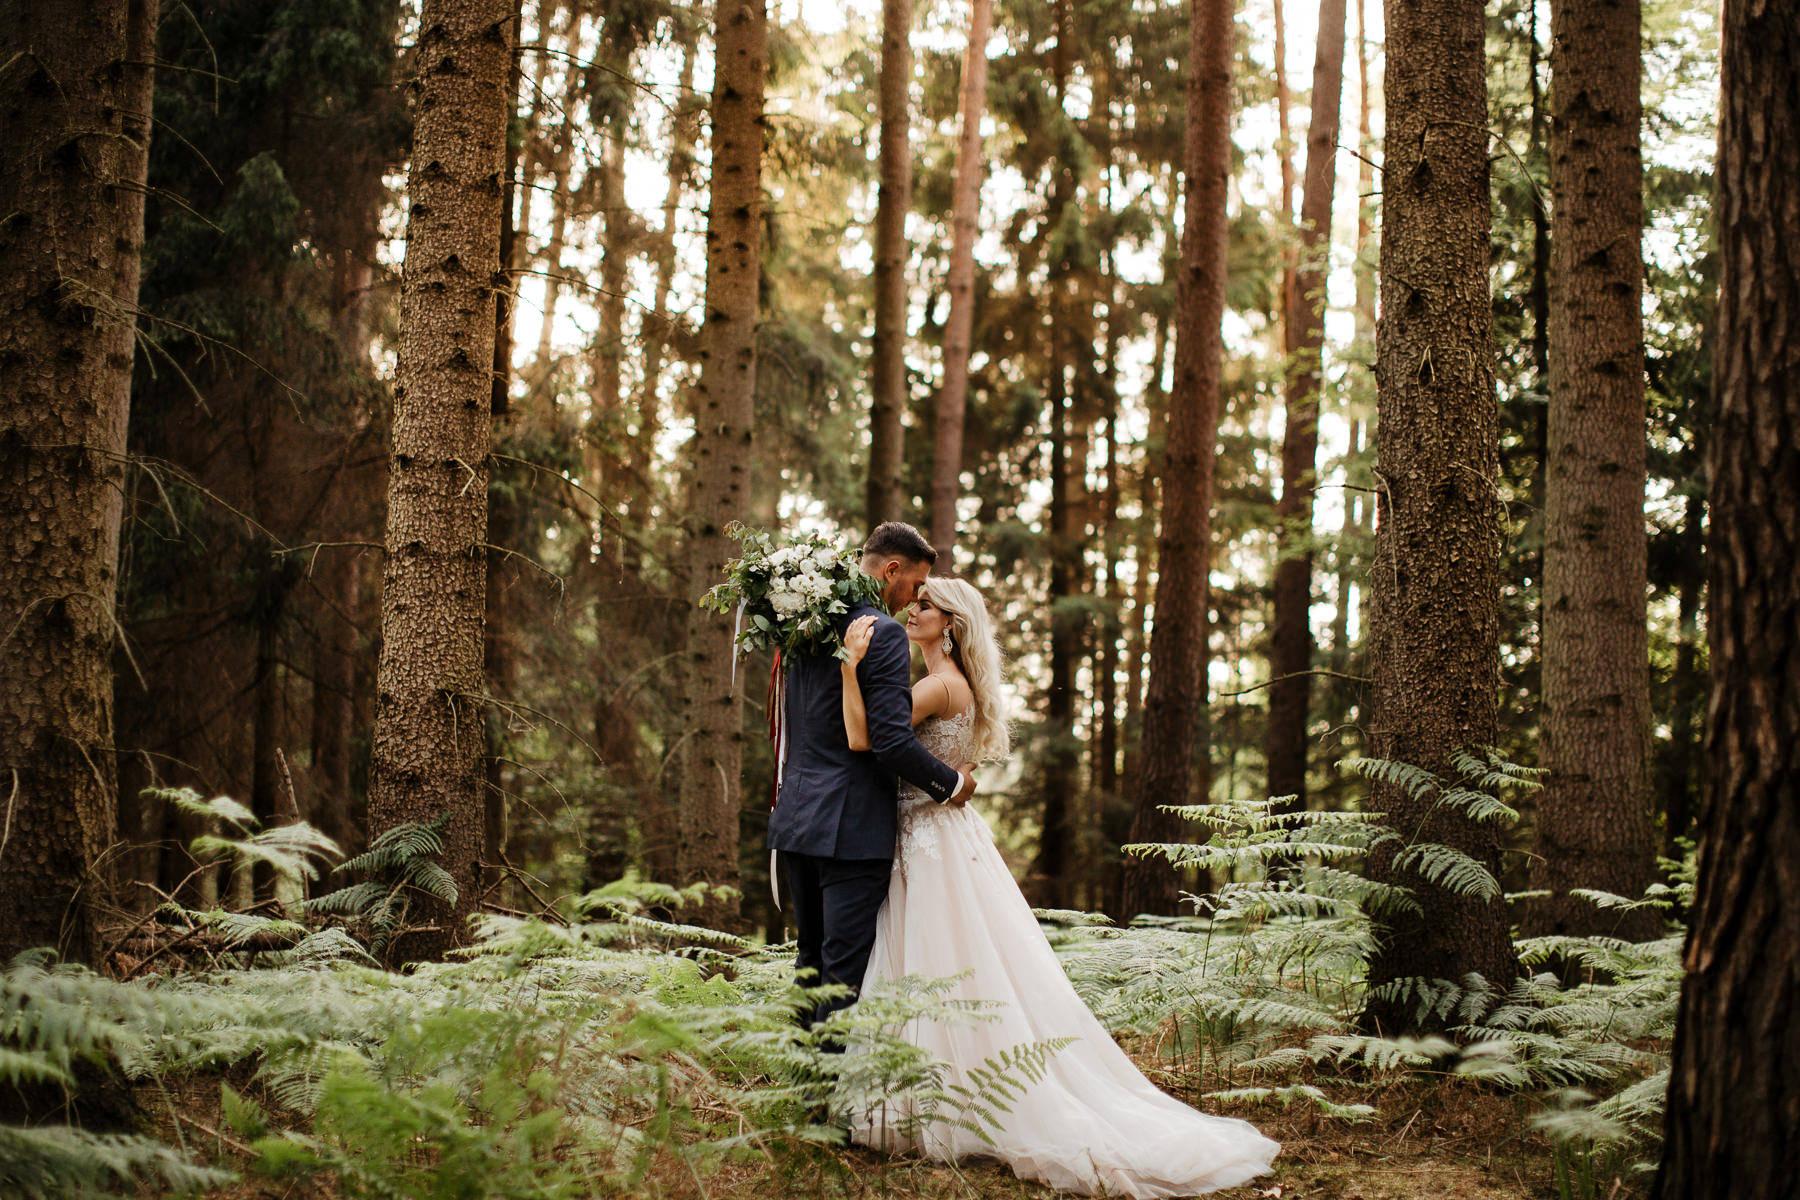 klimatyczna sesja ślubna w lesie